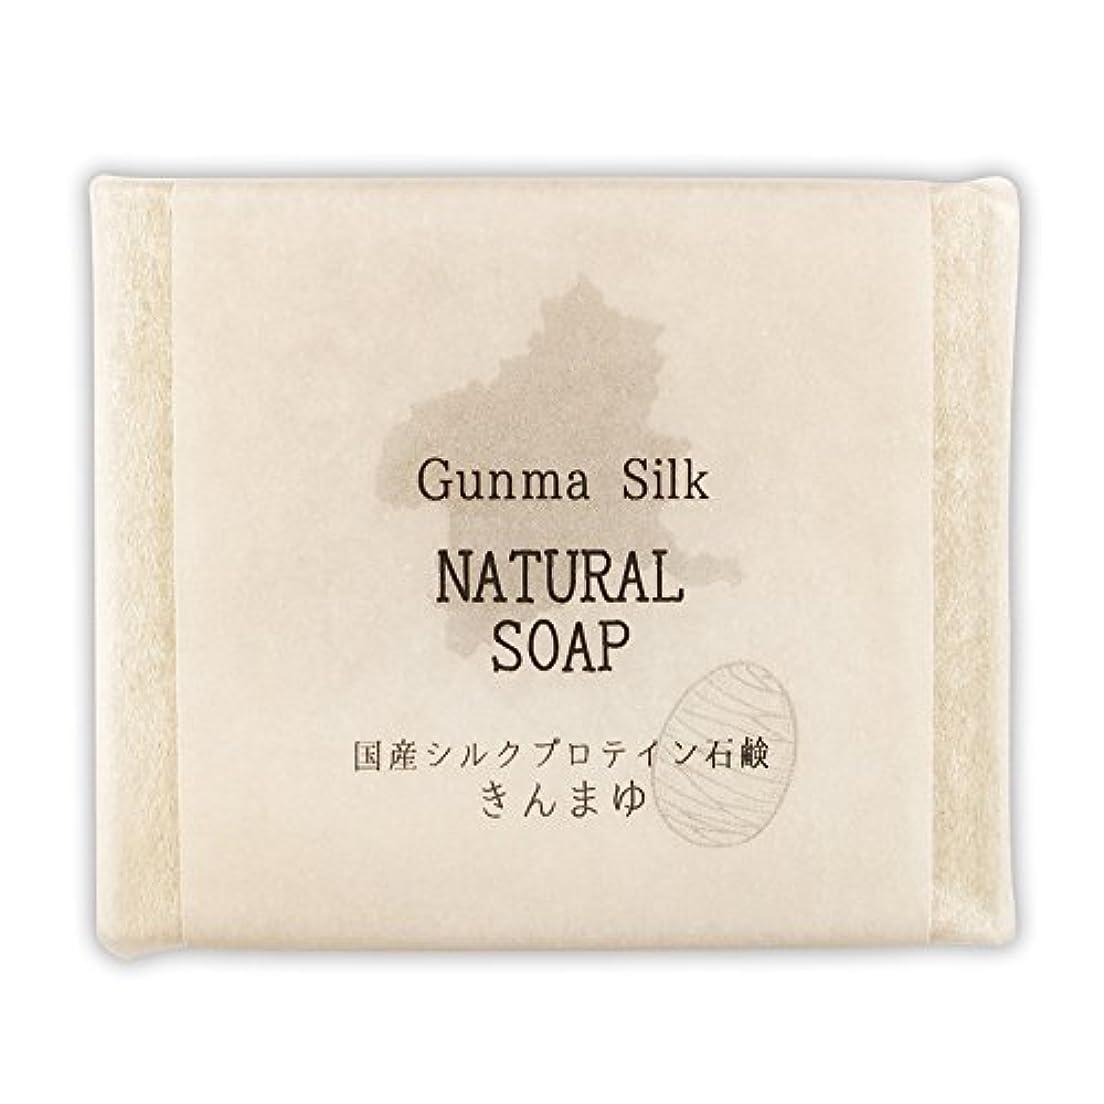 とティーム入札放棄するBN 国産シルクプロテイン石鹸 きんまゆ SKS-04 (1個)